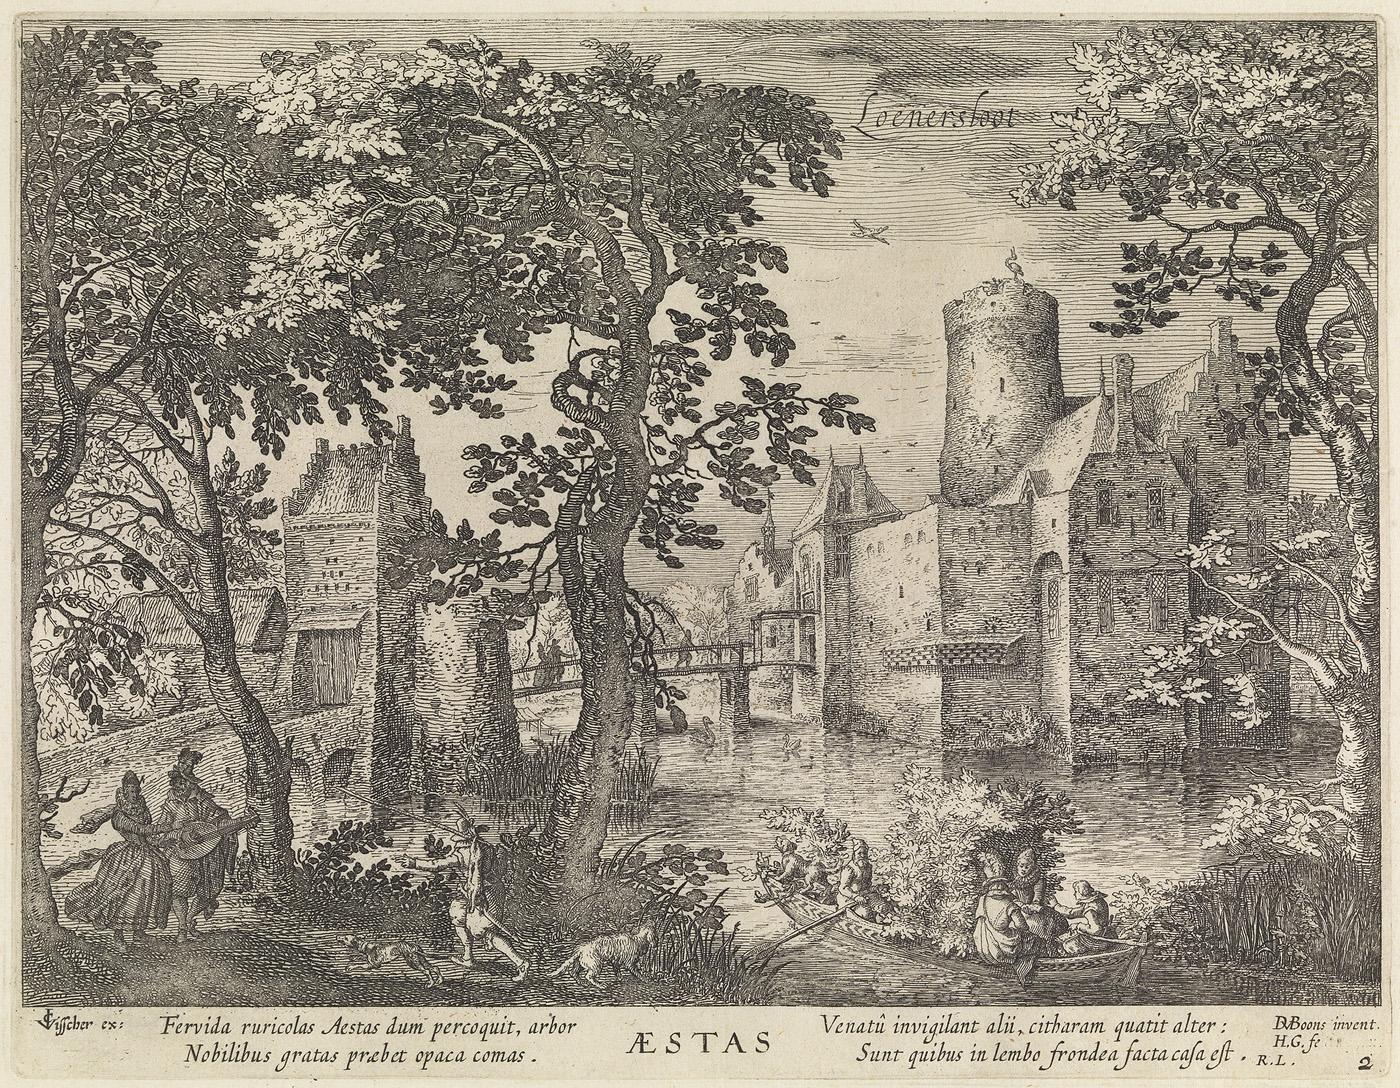 Loenersloot, aestas (uit de serie: de jaargetijden. gezichten op kastelen)